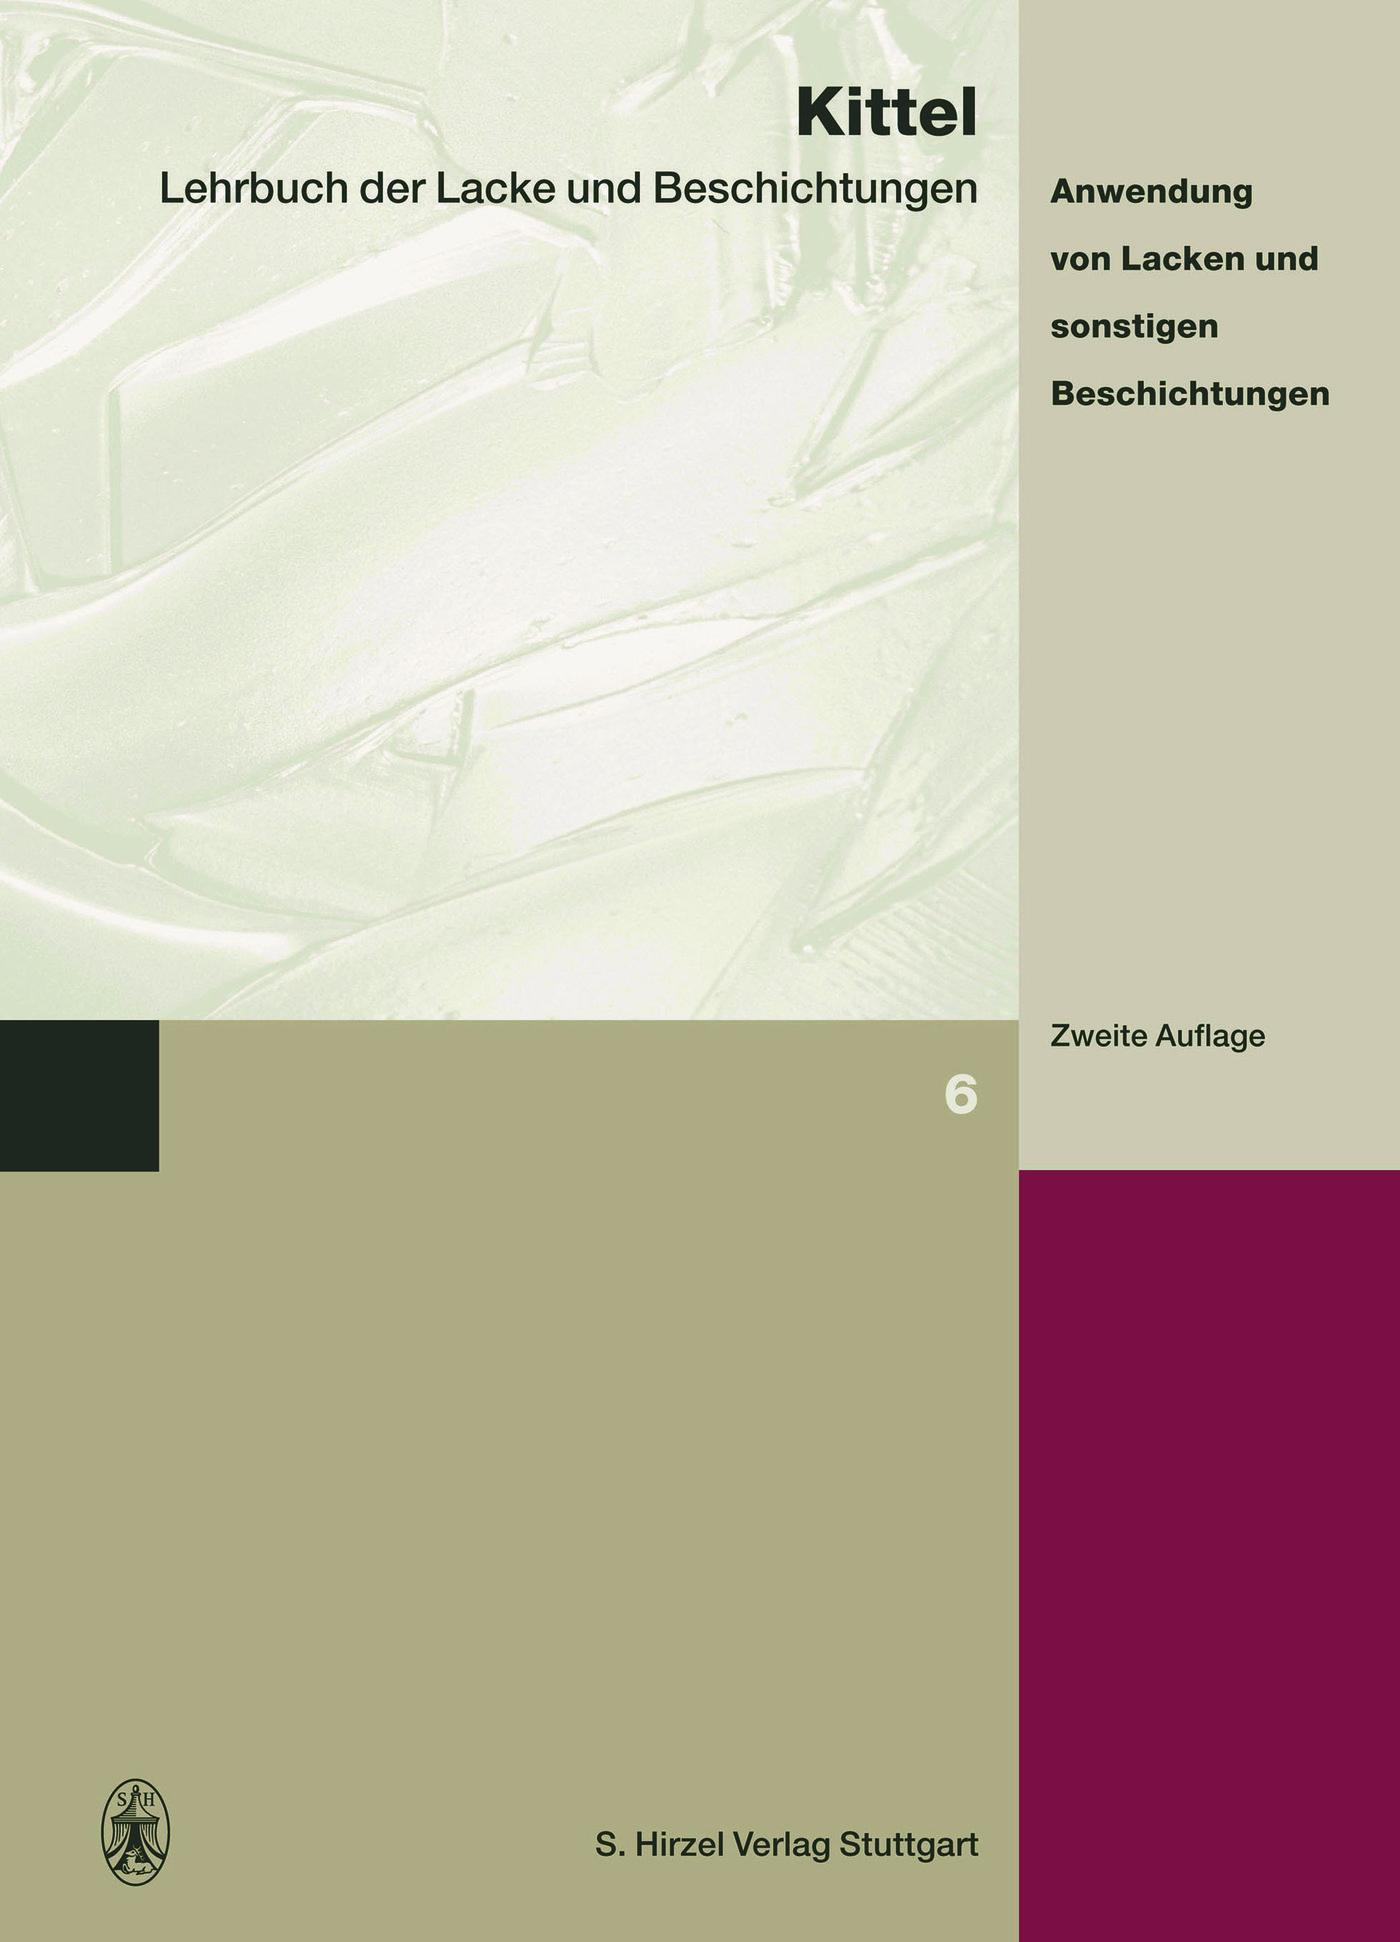 Hans-Kittel-Lehrbuch-der-Lacke-und-Beschichtungen-8-9783777610184